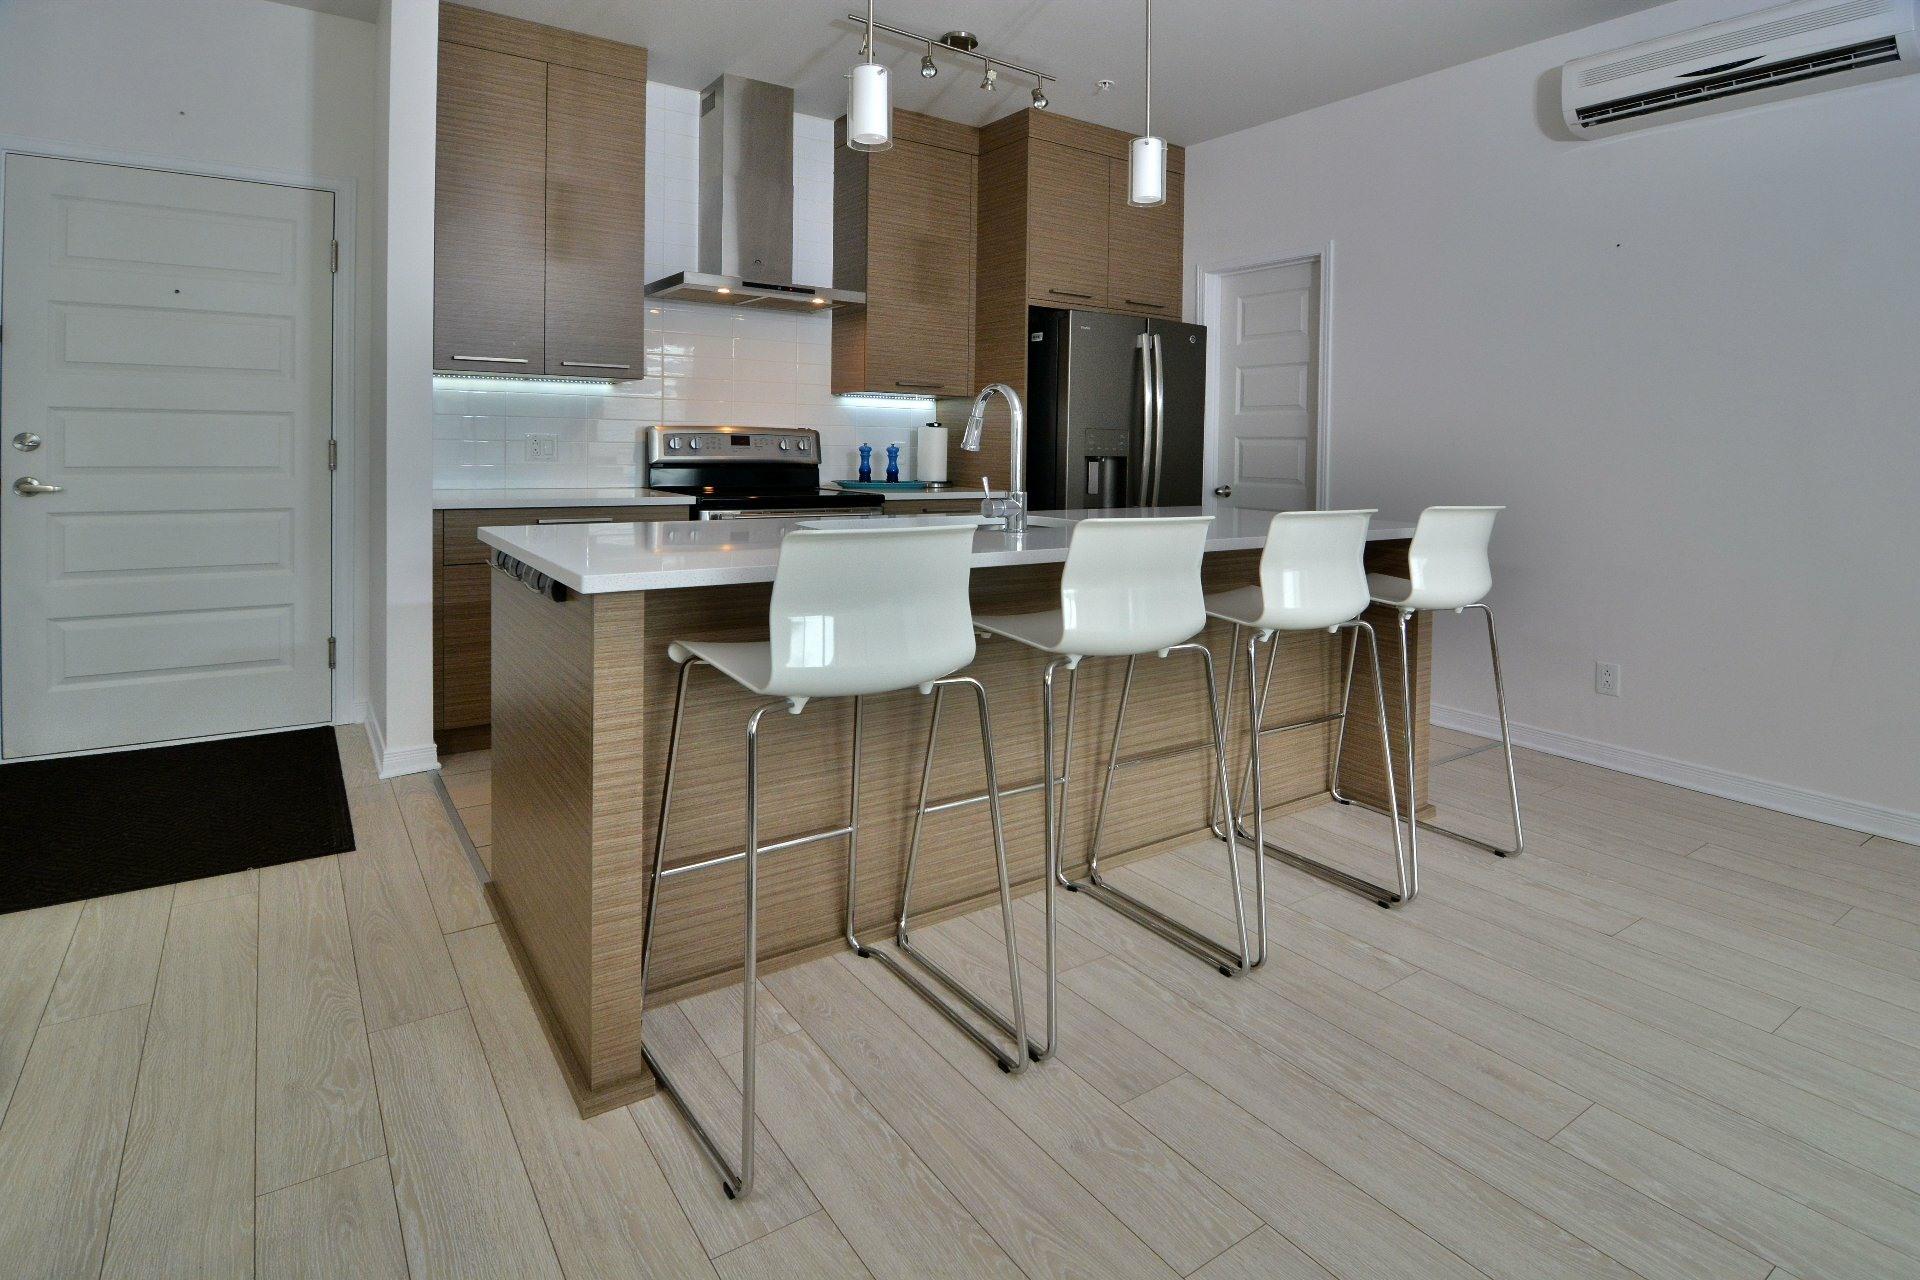 image 8 - Appartement À vendre Vaudreuil-Dorion - 8 pièces